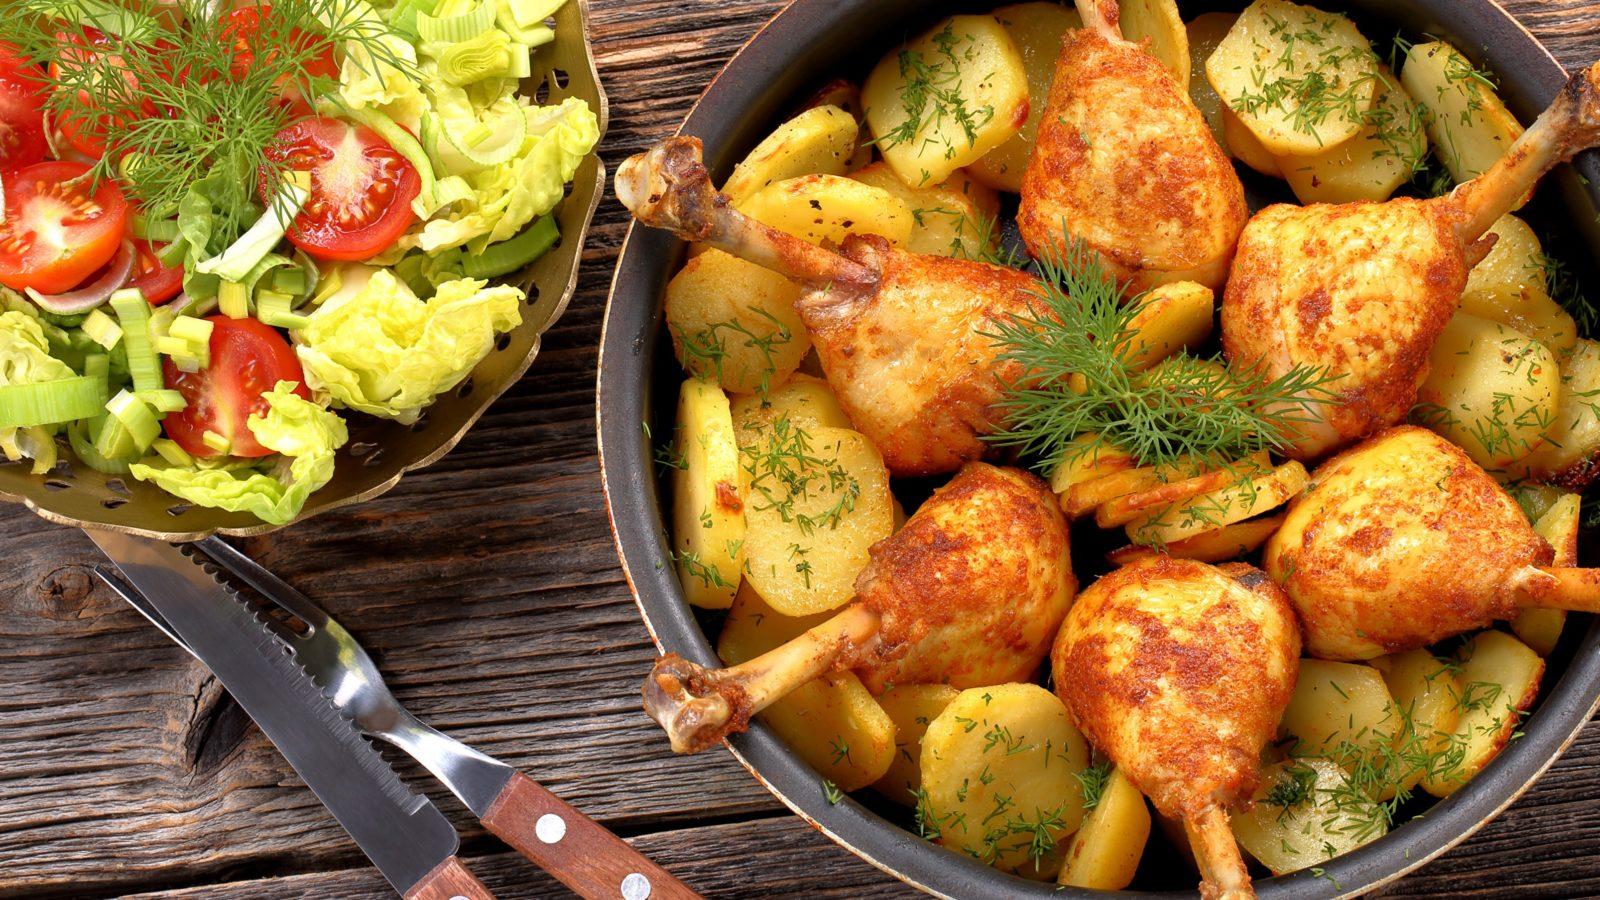 Что приготовить на ужин быстро и просто — 50 вкусных идей для ленивых